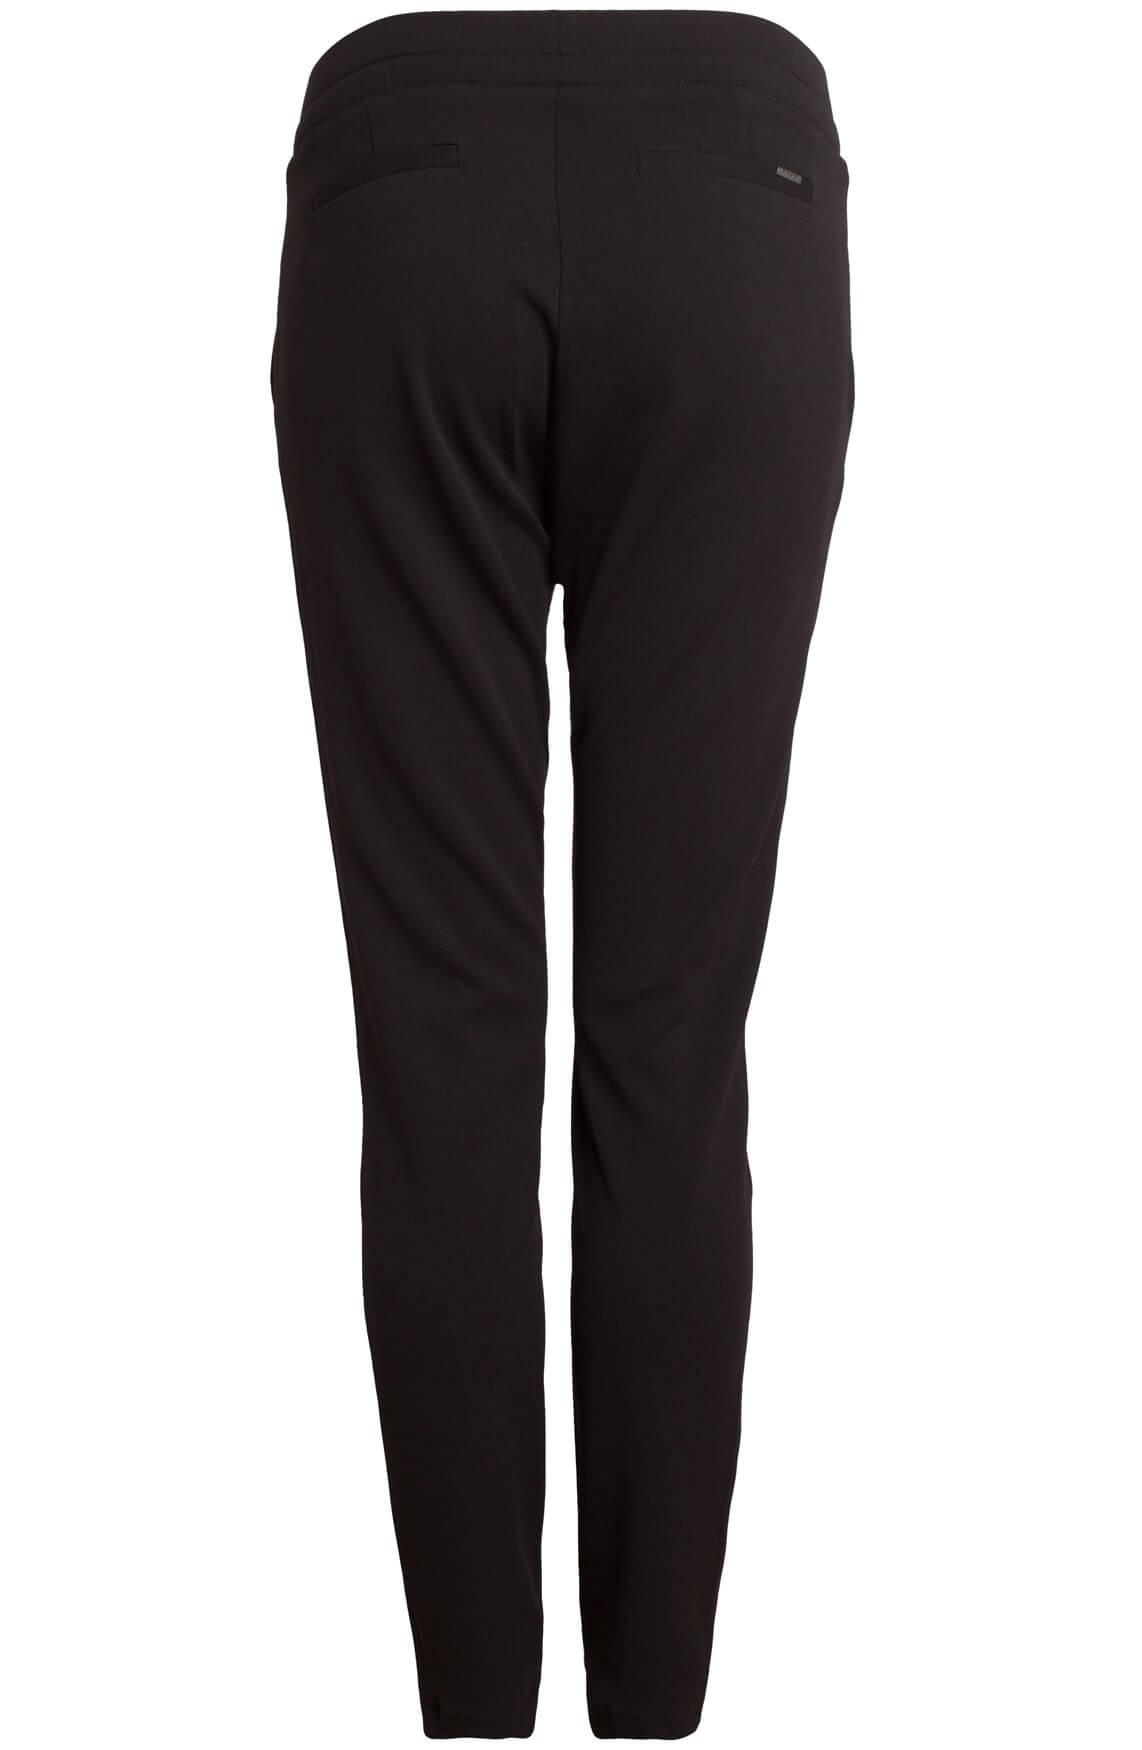 Anna Dames Sportieve pantalon zwart